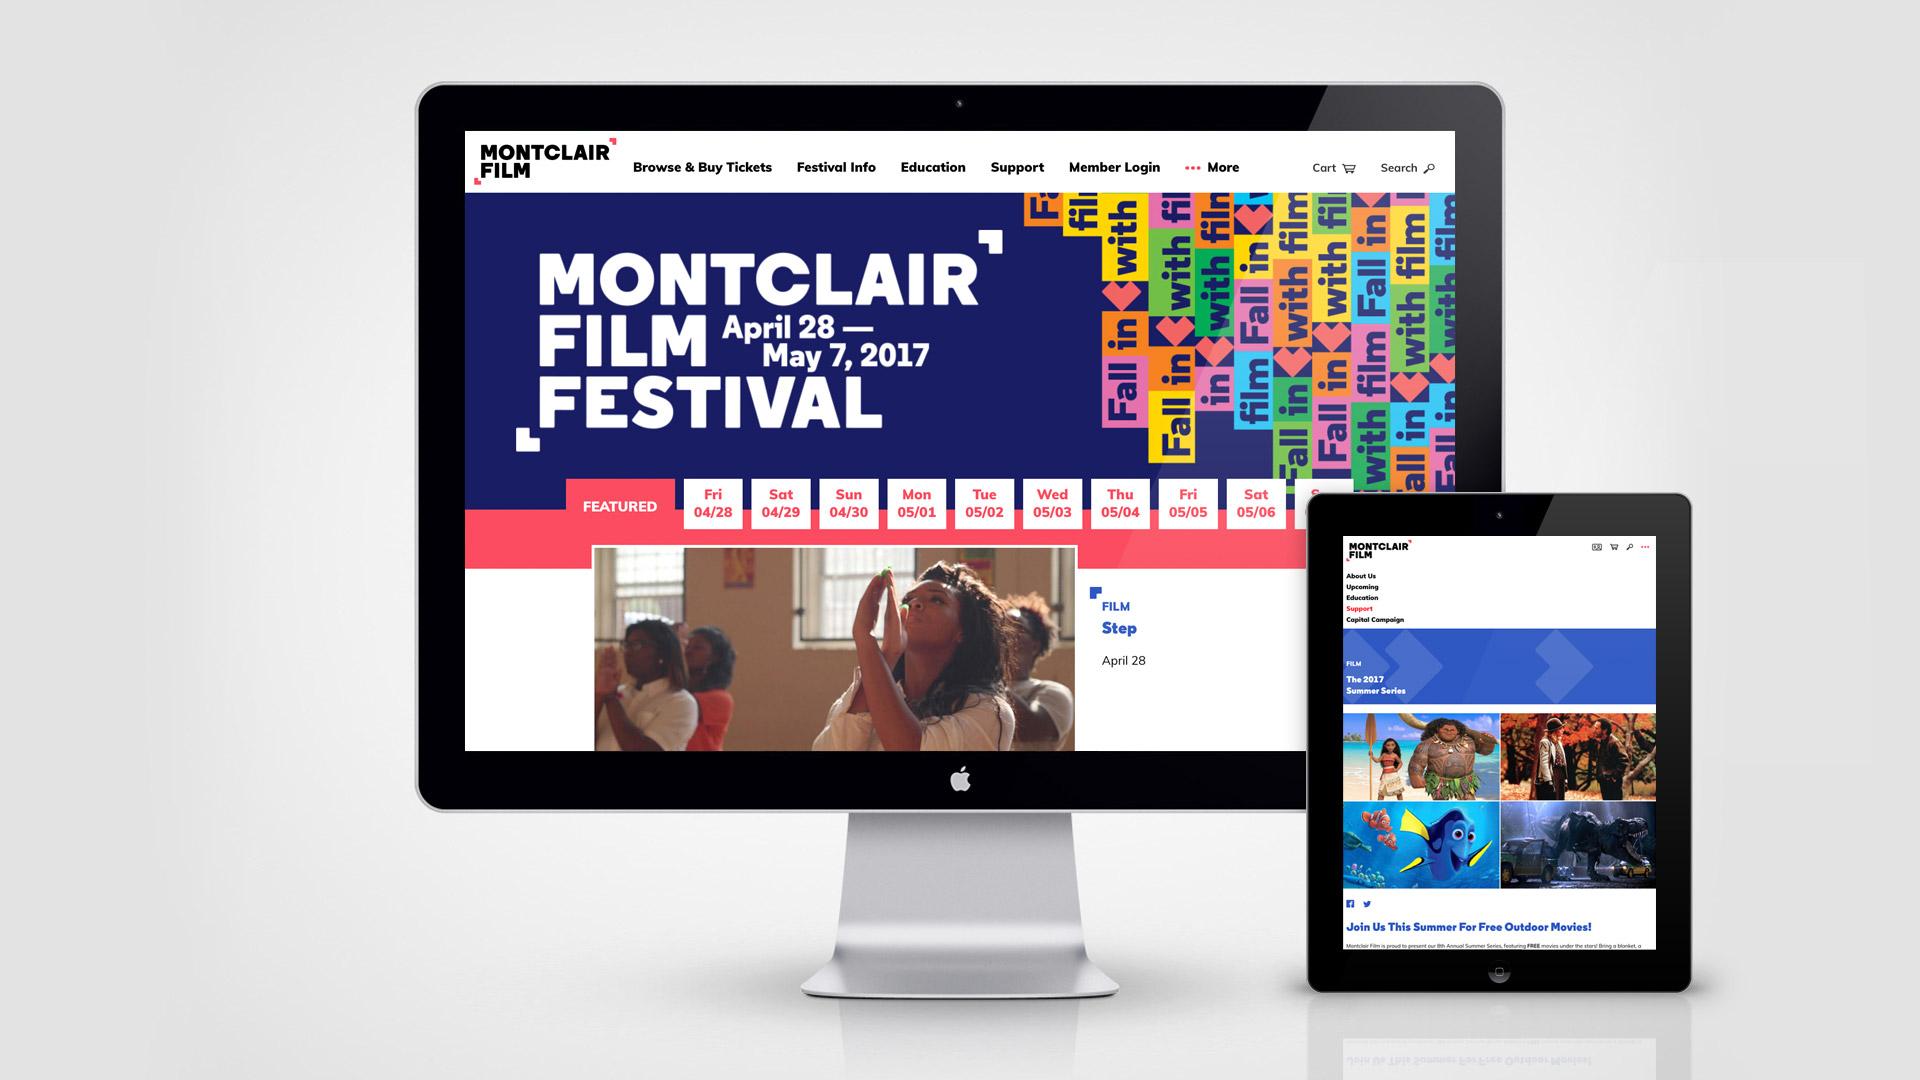 HIERONYMUS_MontclairFilm-Web-4